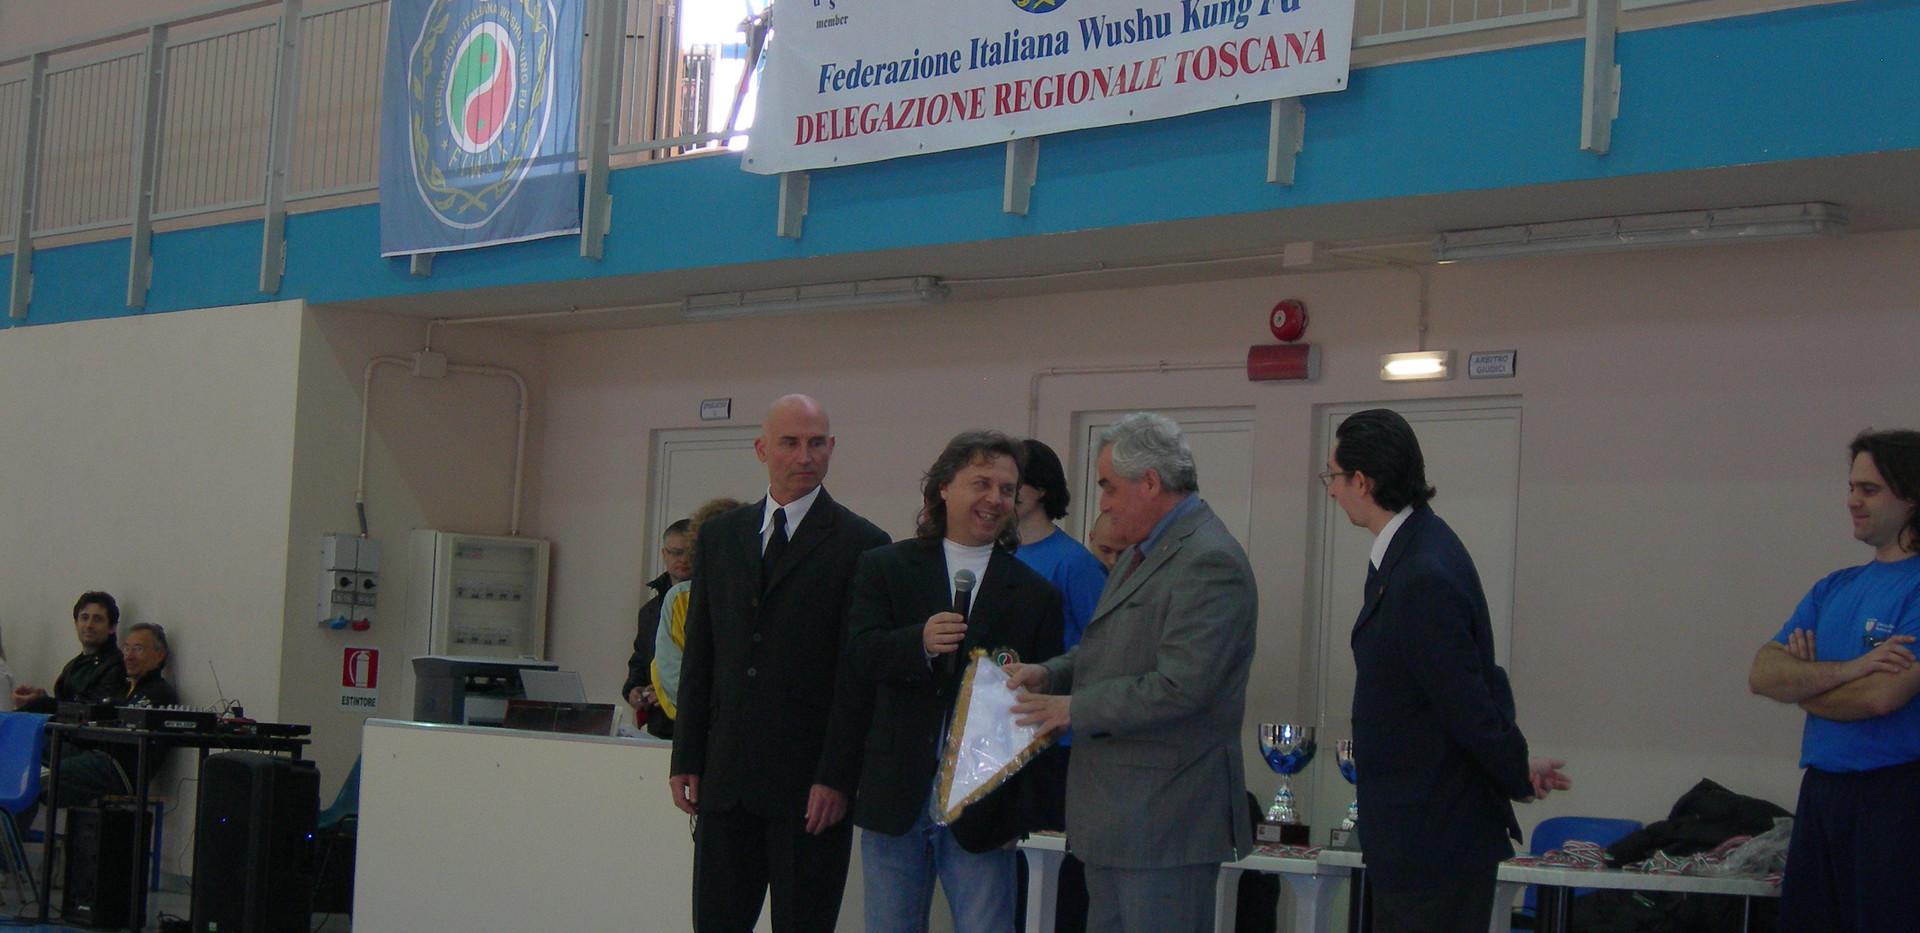 Delegato Regionale al campionato toscano